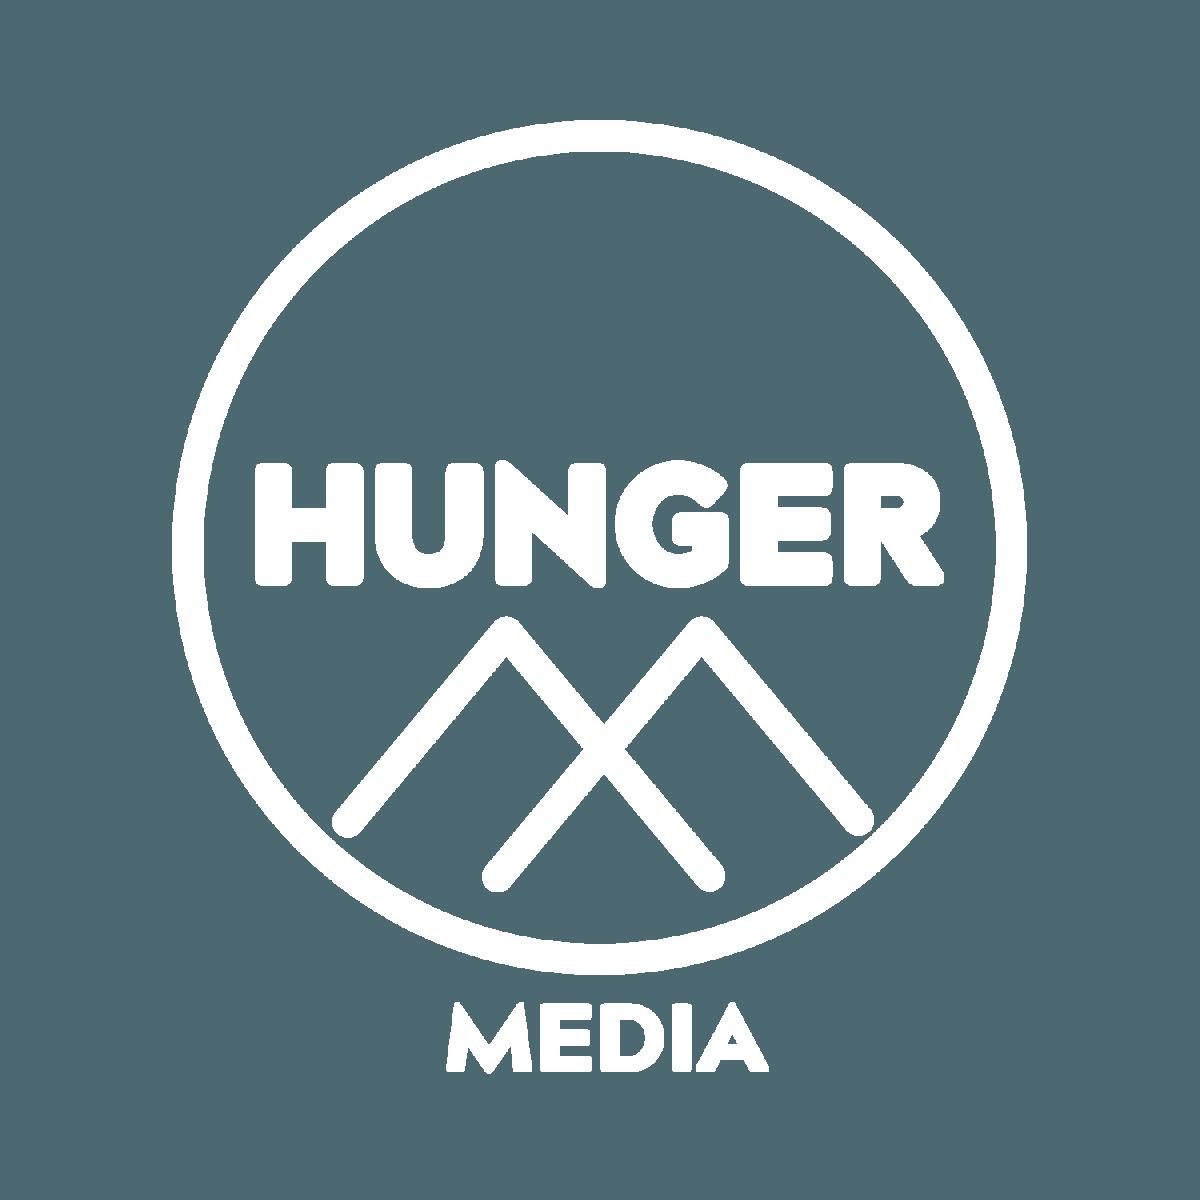 Hunger Media